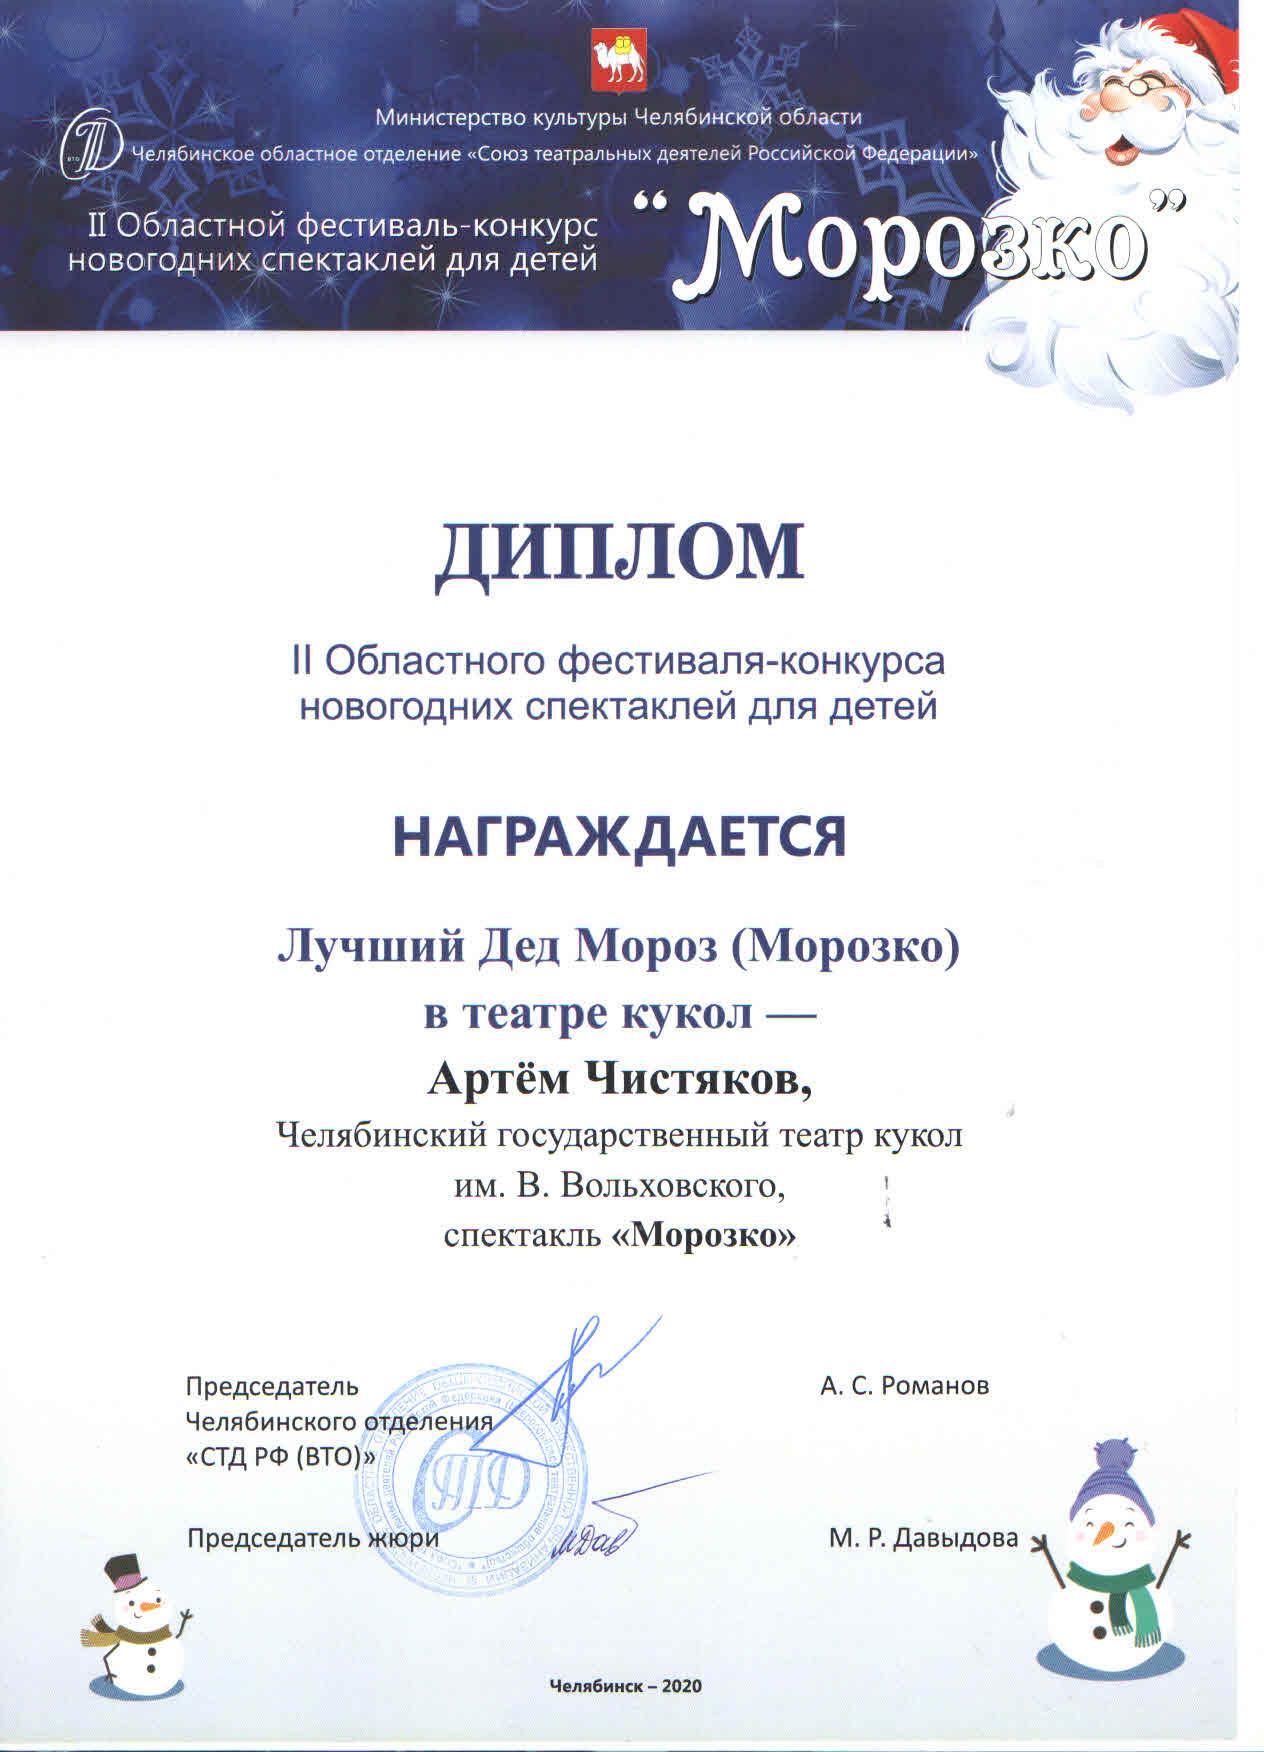 Областной фестиваль-конкурс новогодних спектаклей для детей «Морозко»